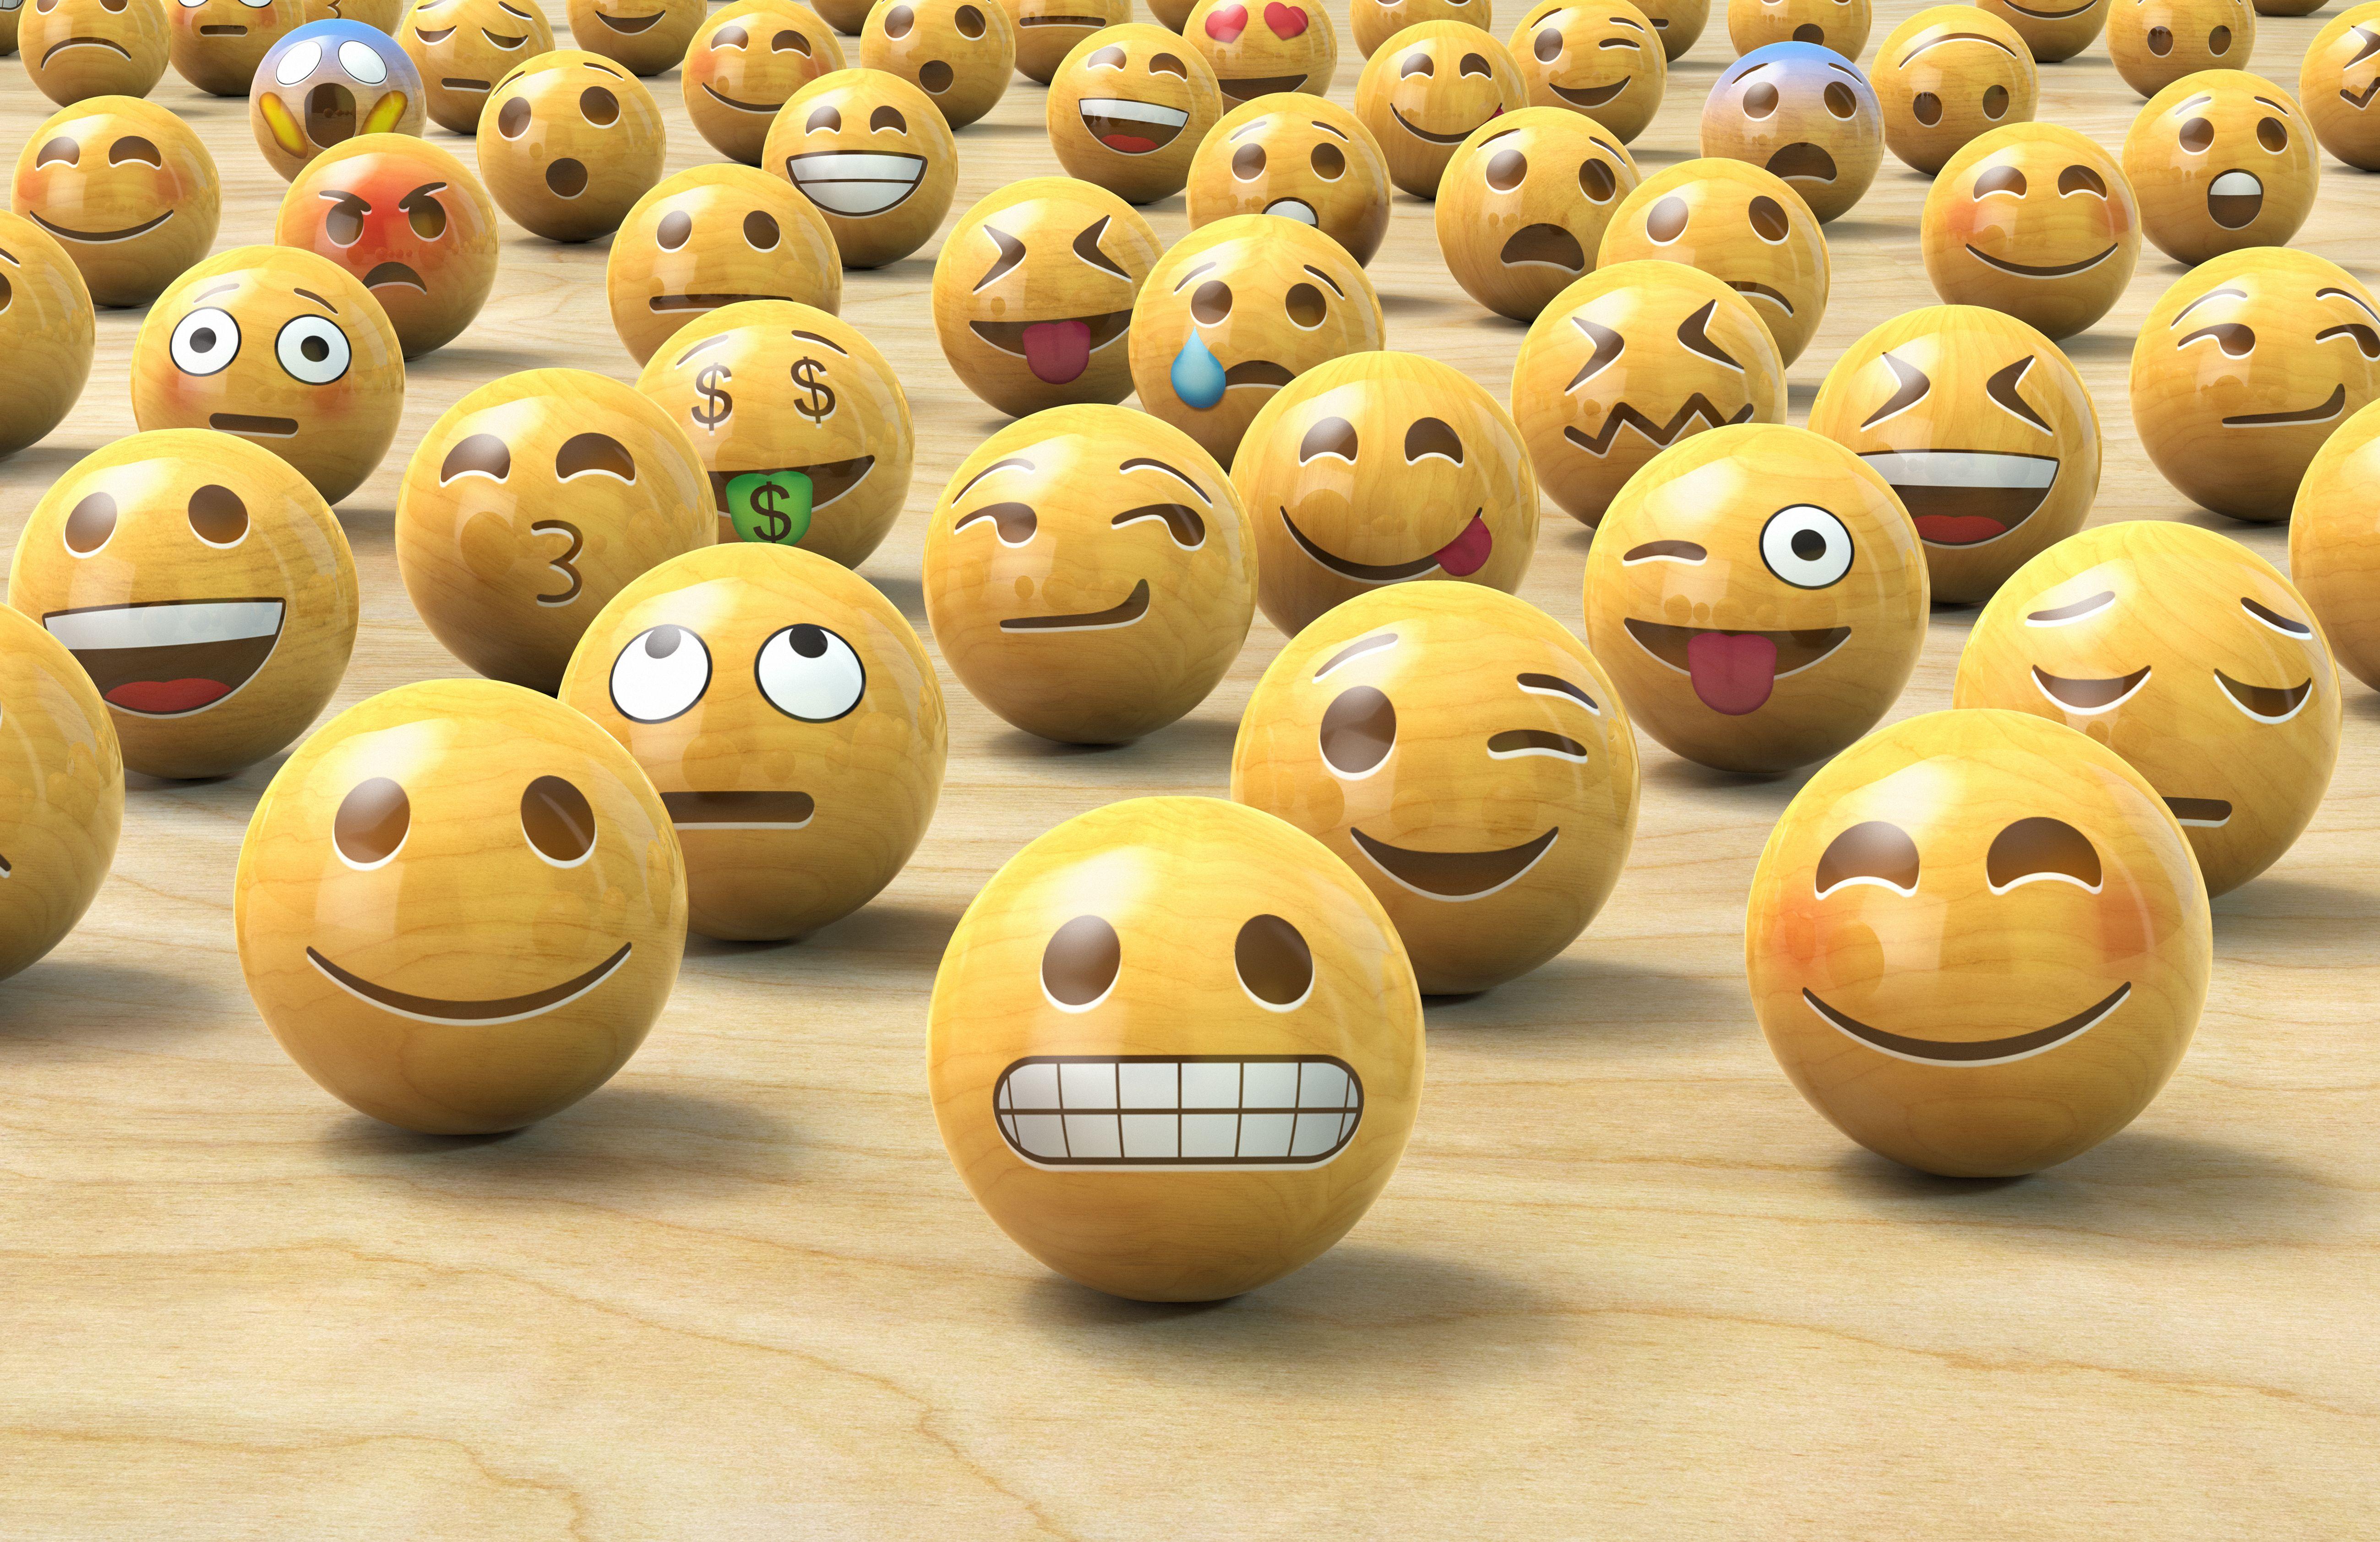 Das Bedeuten Die Smileys Bei Whatsapp Whatsapp Tipps Whatsapp Smiley Smiley Bedeutung Whatsapp